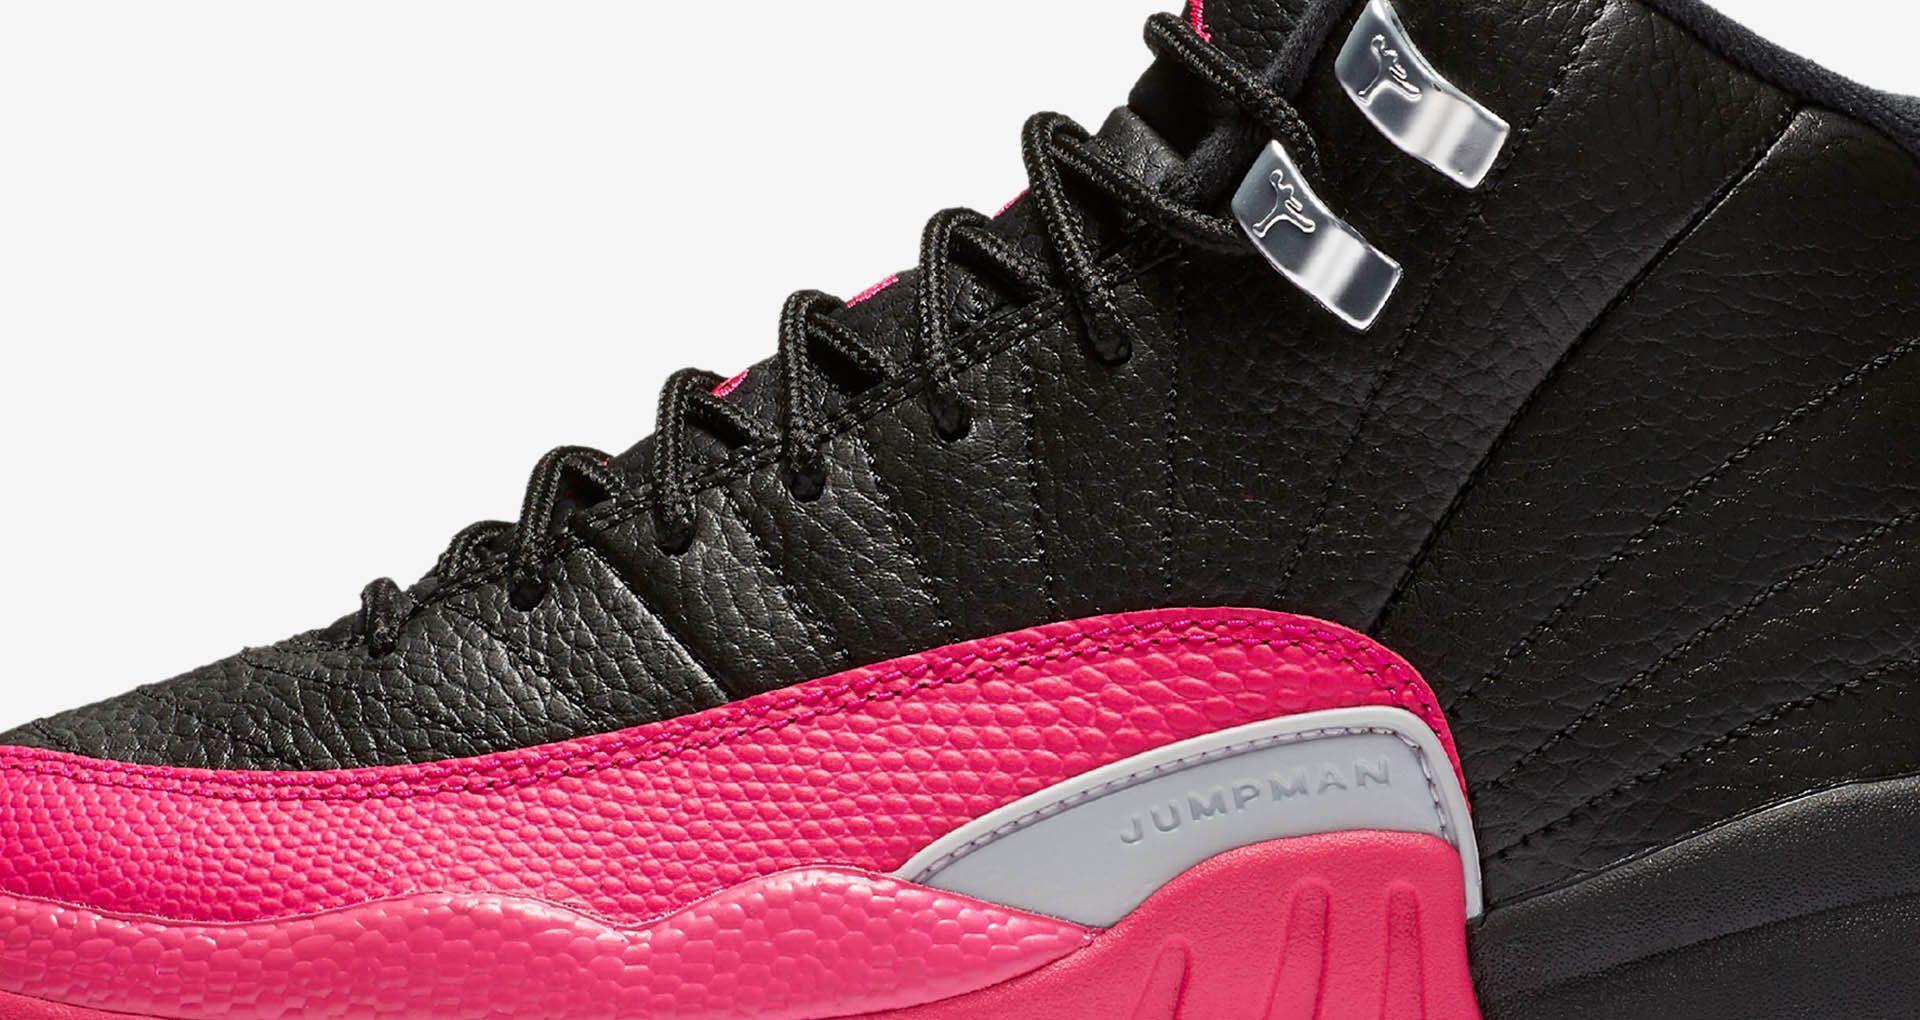 45c7d12af0 Girls' Air Jordan 12 Retro 'Black & Deadly Pink' Release Date. Nike ...